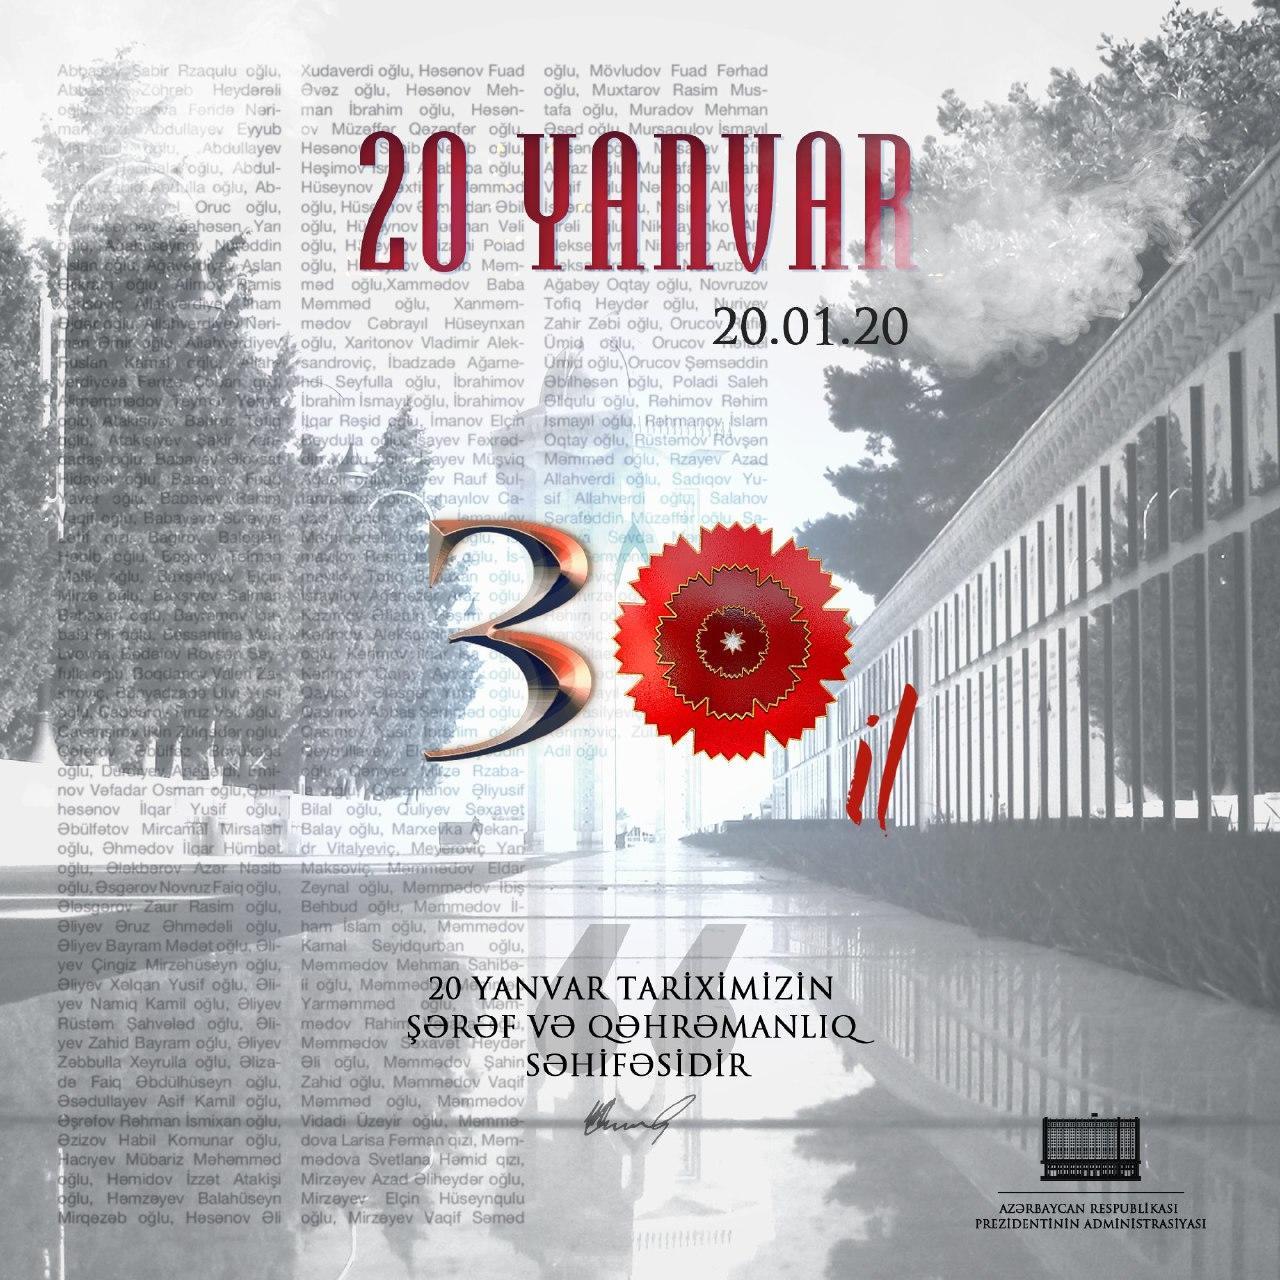 На официальной странице Президента Ильхама Алиева в Facebook размещена публикация в связи с 30-й годовщиной трагедии 20 Января